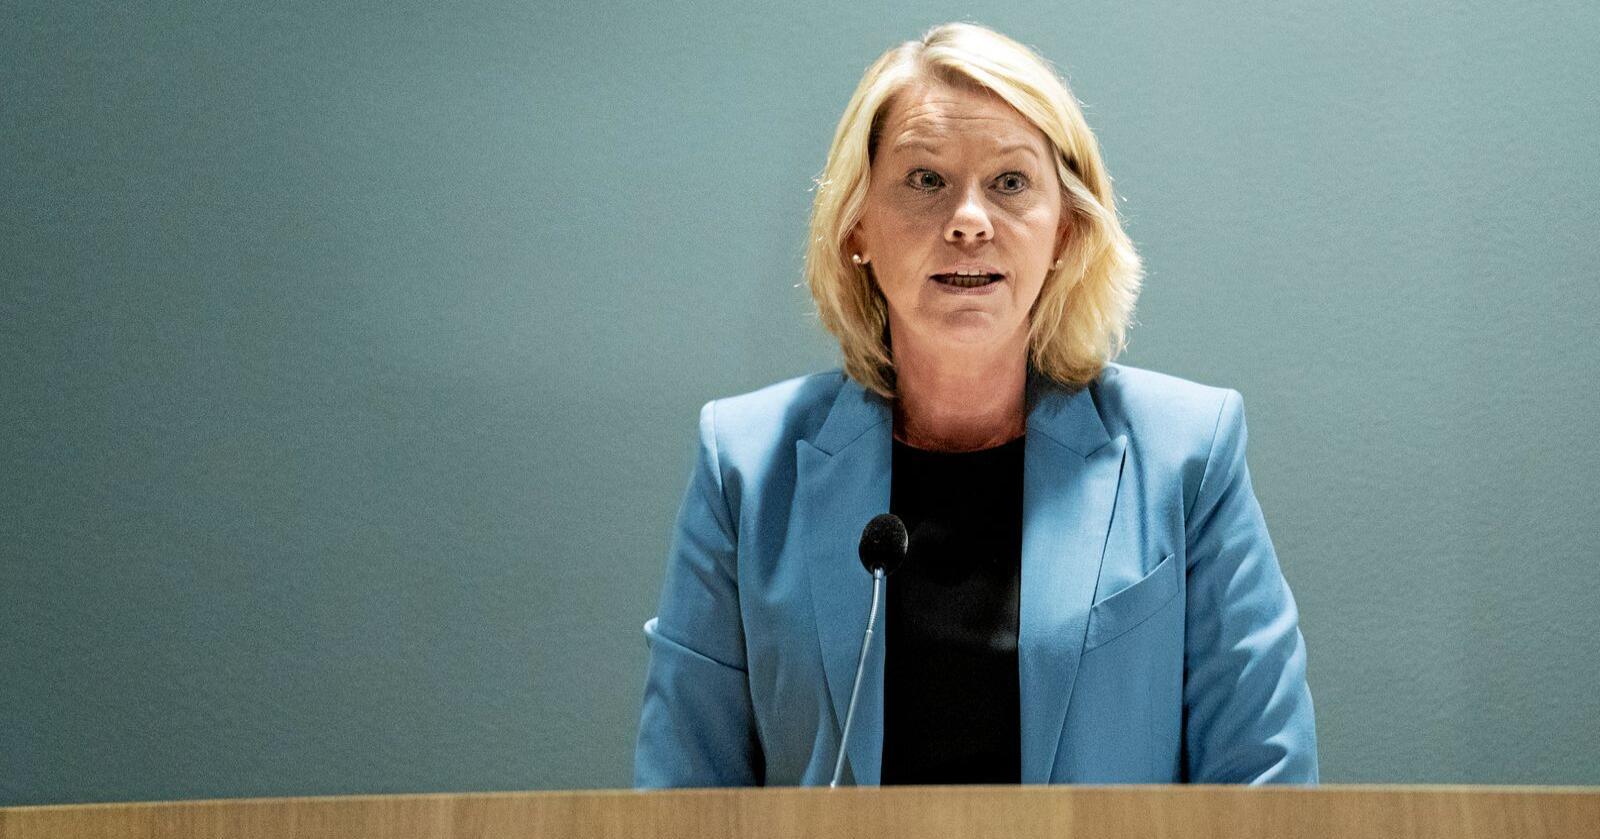 Ny melding: Justis- og beredskapsminister Monica Mæland la tirsdag fram stortingsmelding om politiet. Foto: Fredrik Hagen / NTB scanpix